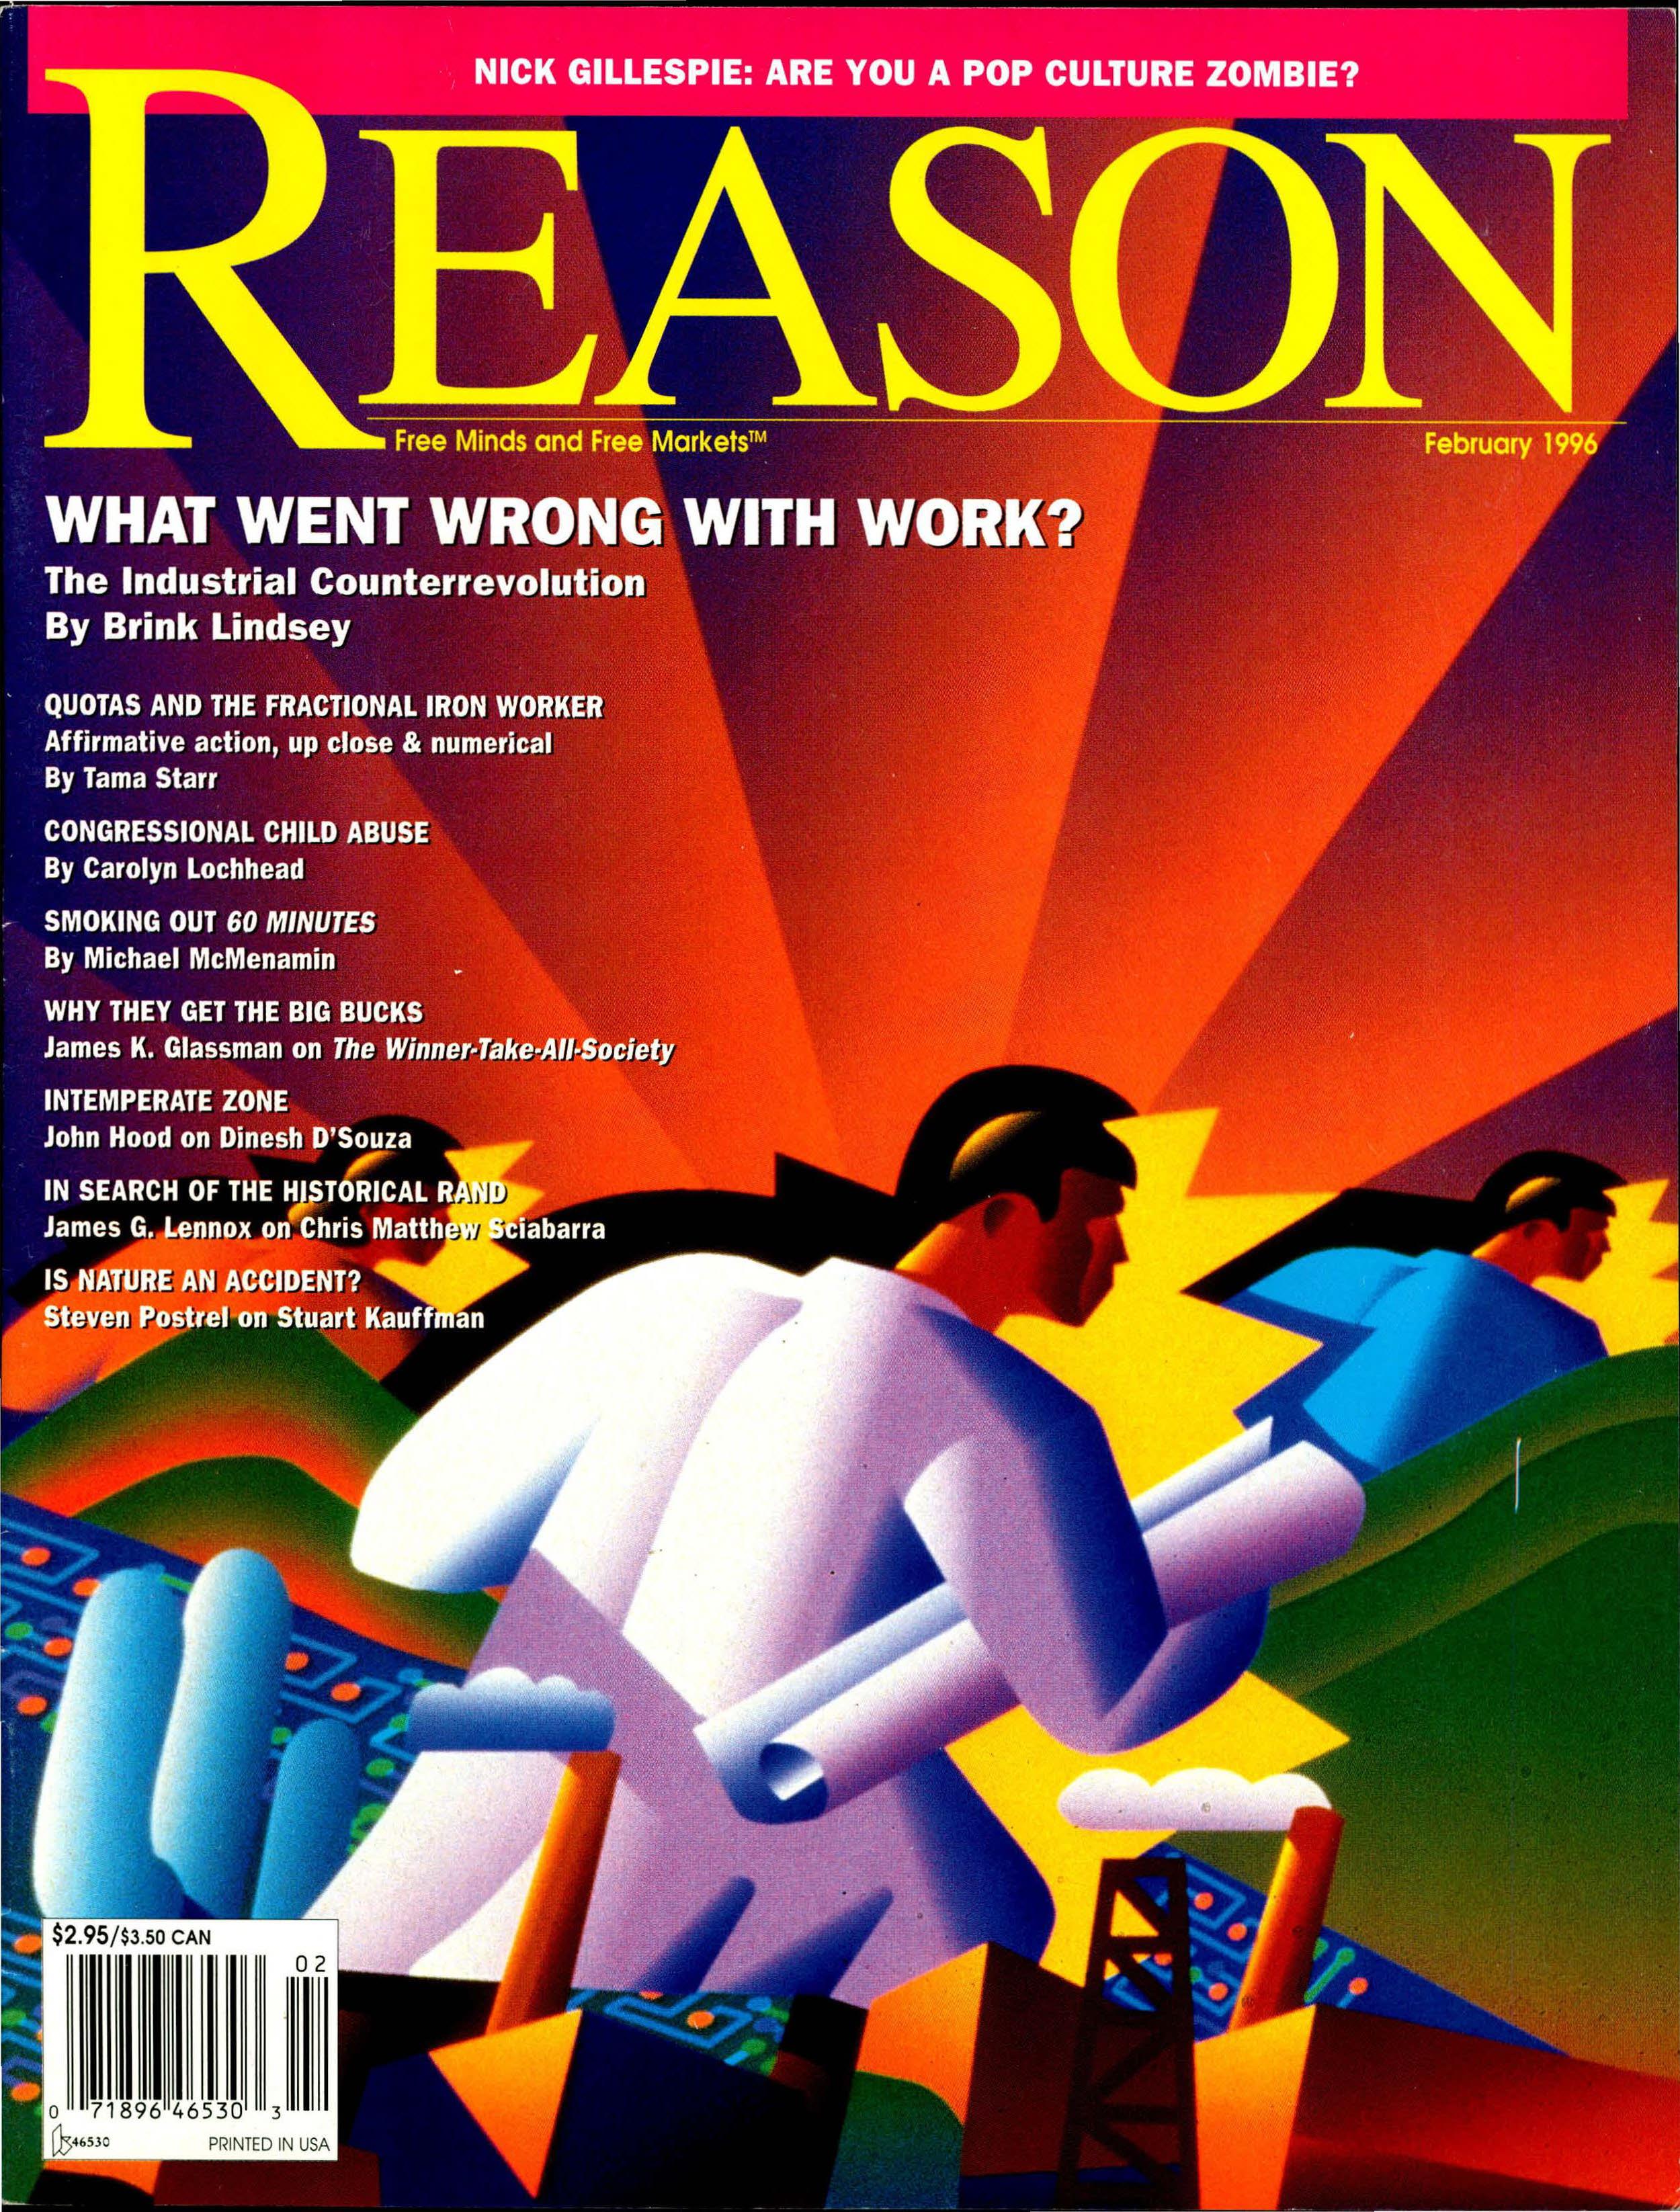 Reason Magazine, February 1996 cover image